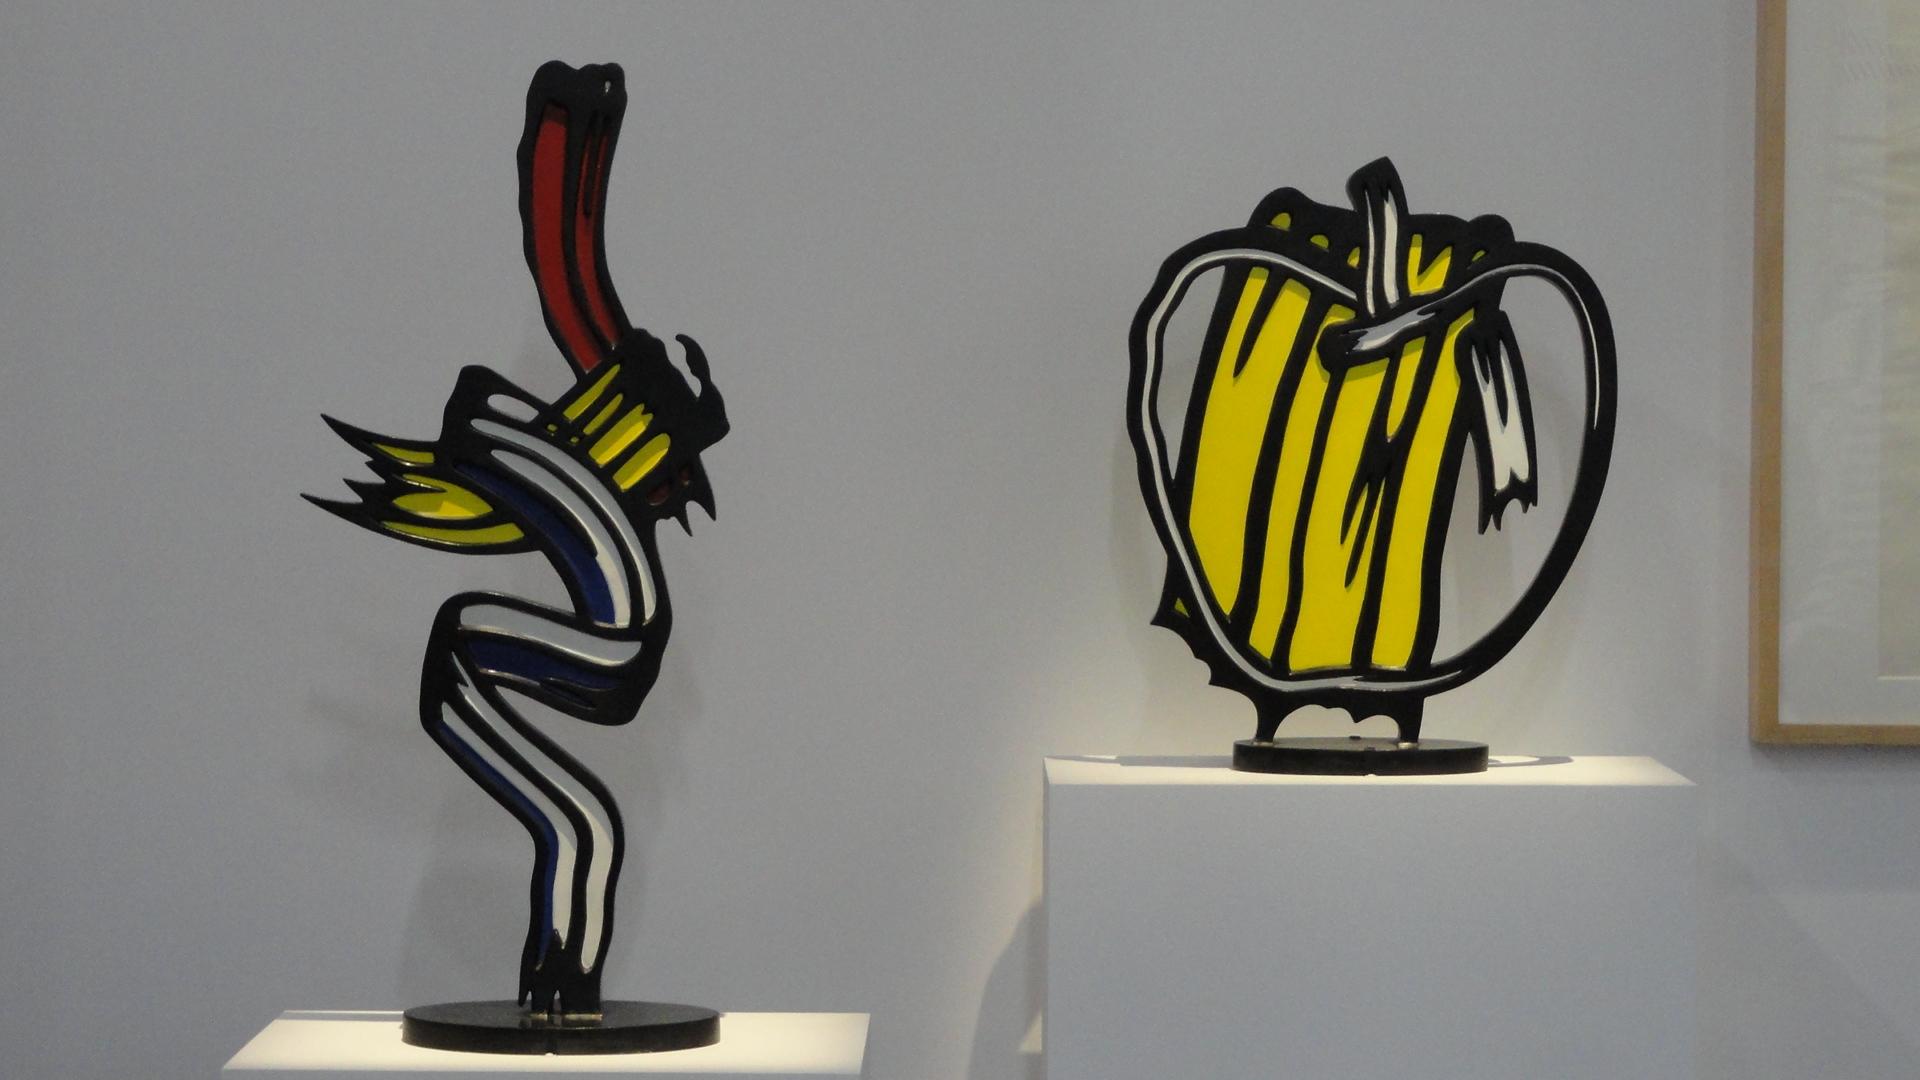 Rétrospective de Roy Lichtenstein, Centre Pompidou - Sculptures